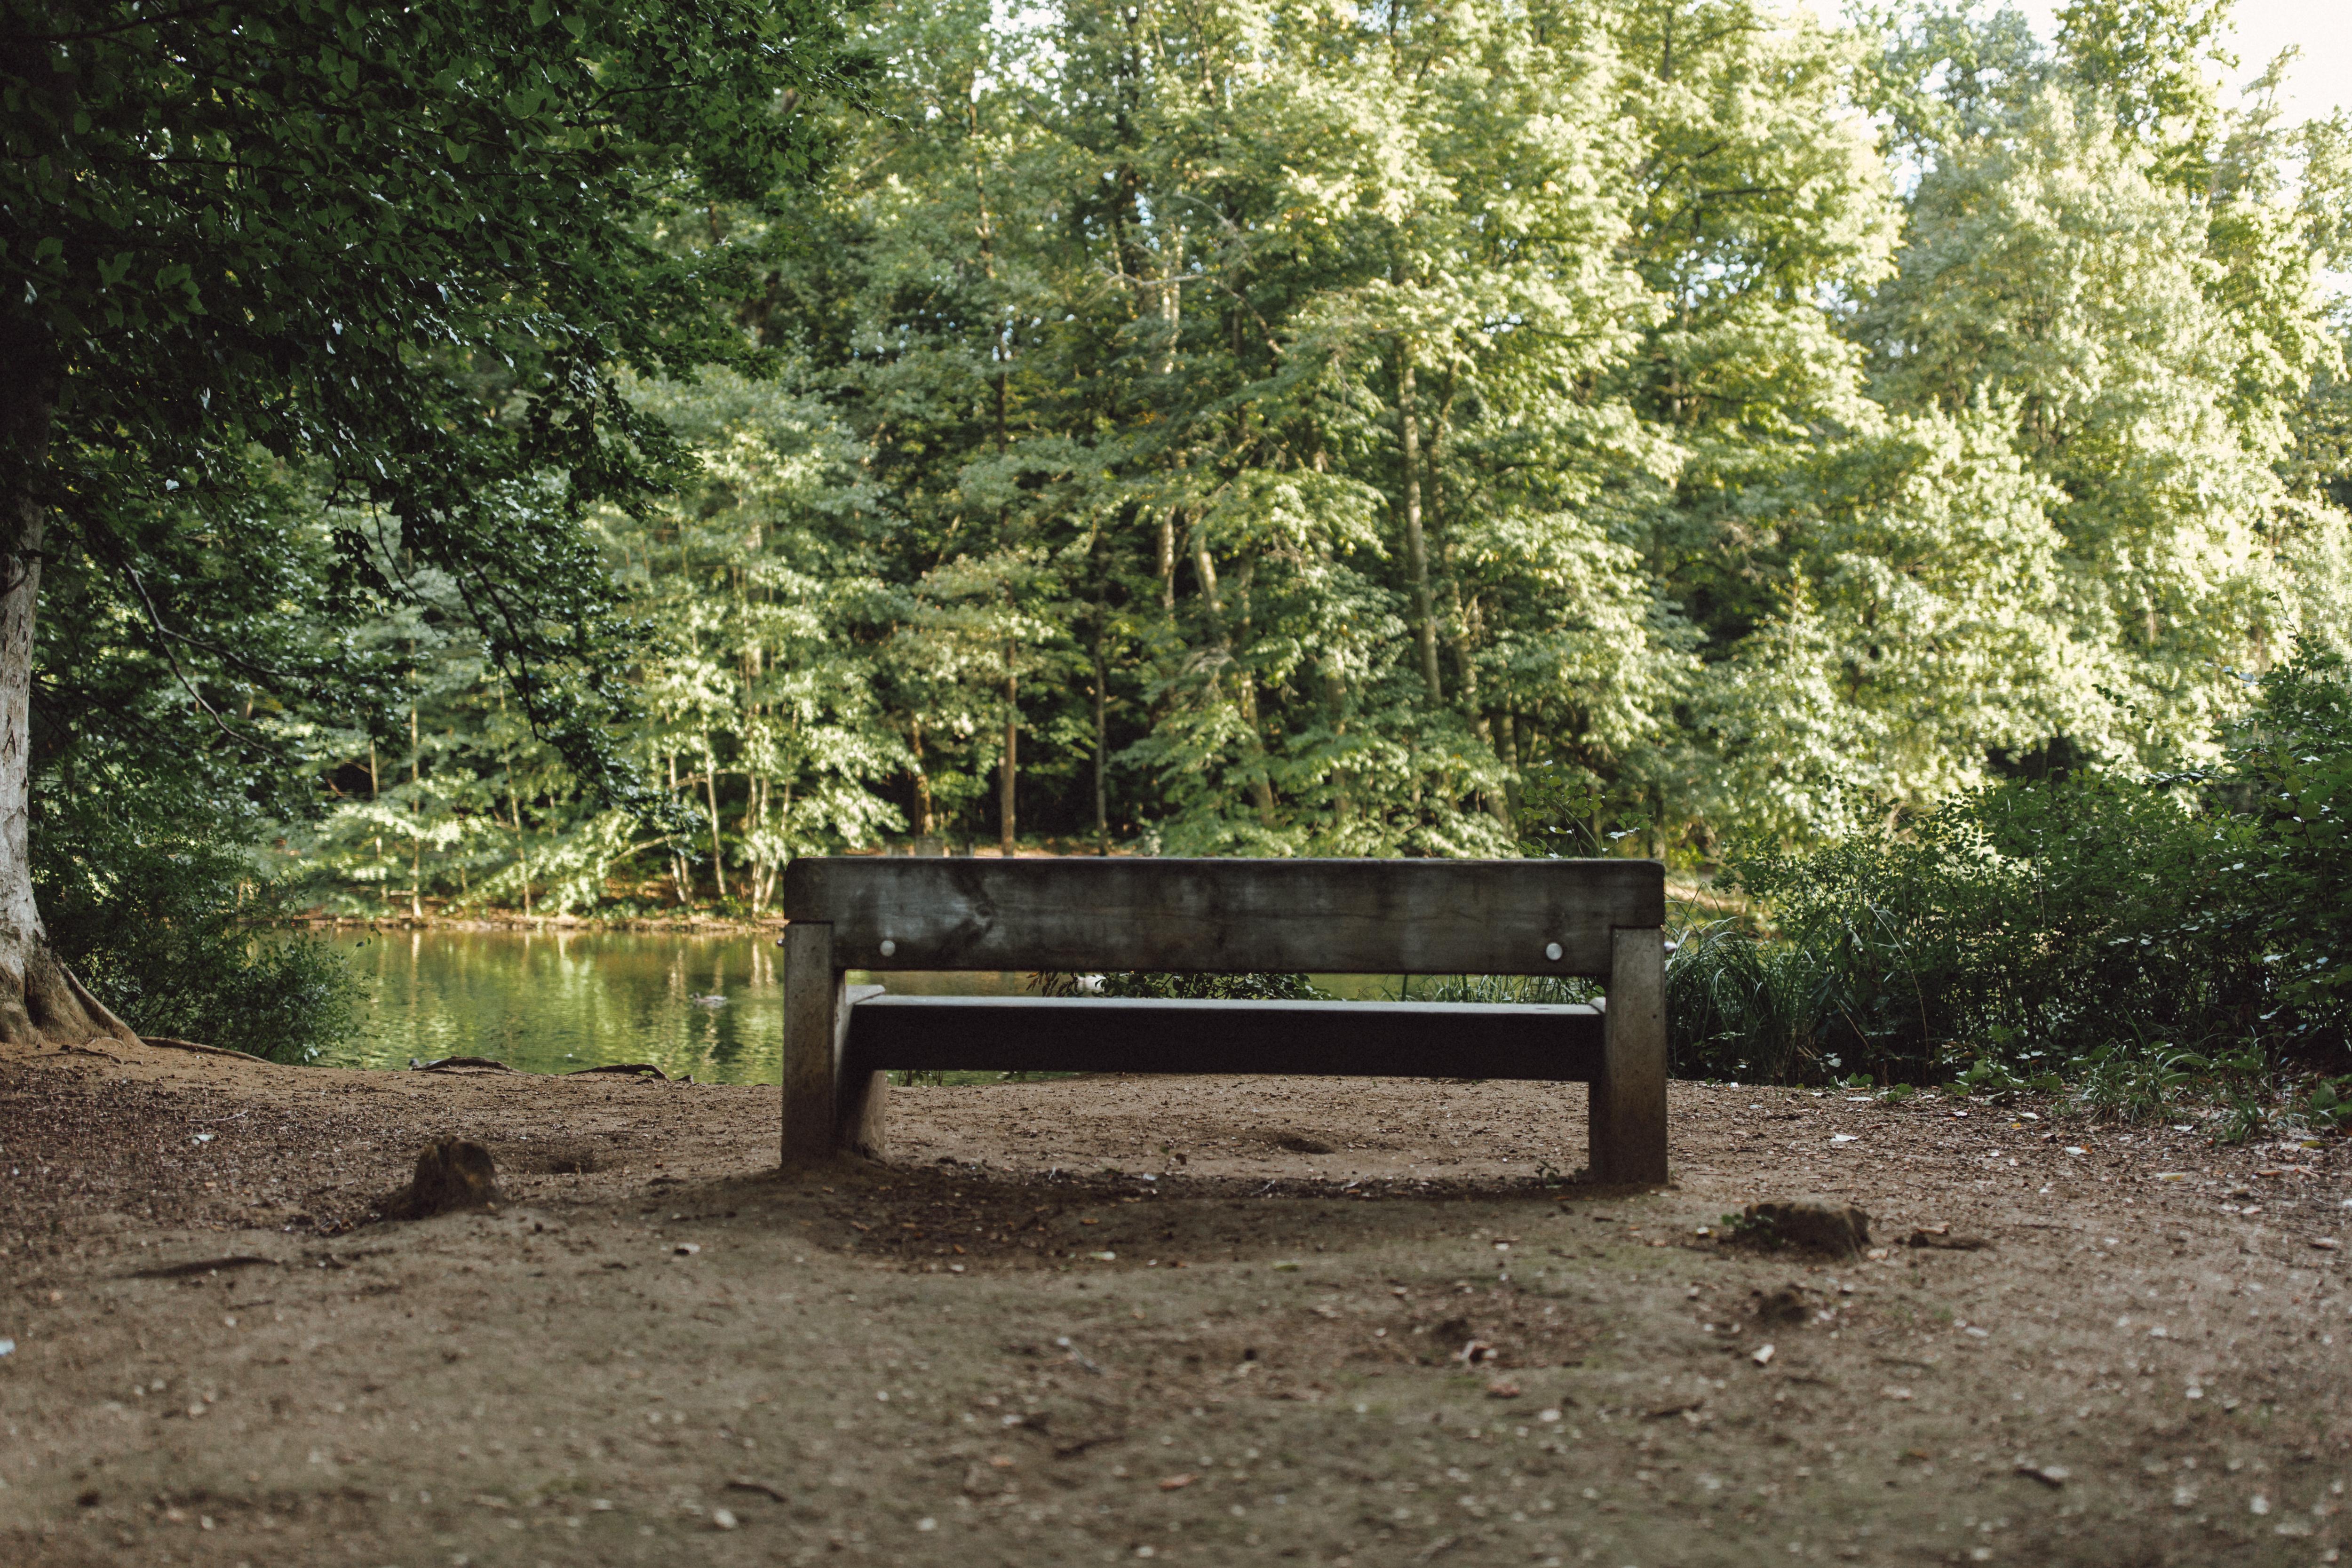 URBANERIE_Daniela_Goth_Fotografin_Nürnberg_Fürth_Erlangen_Schwabach_170906_001_0019